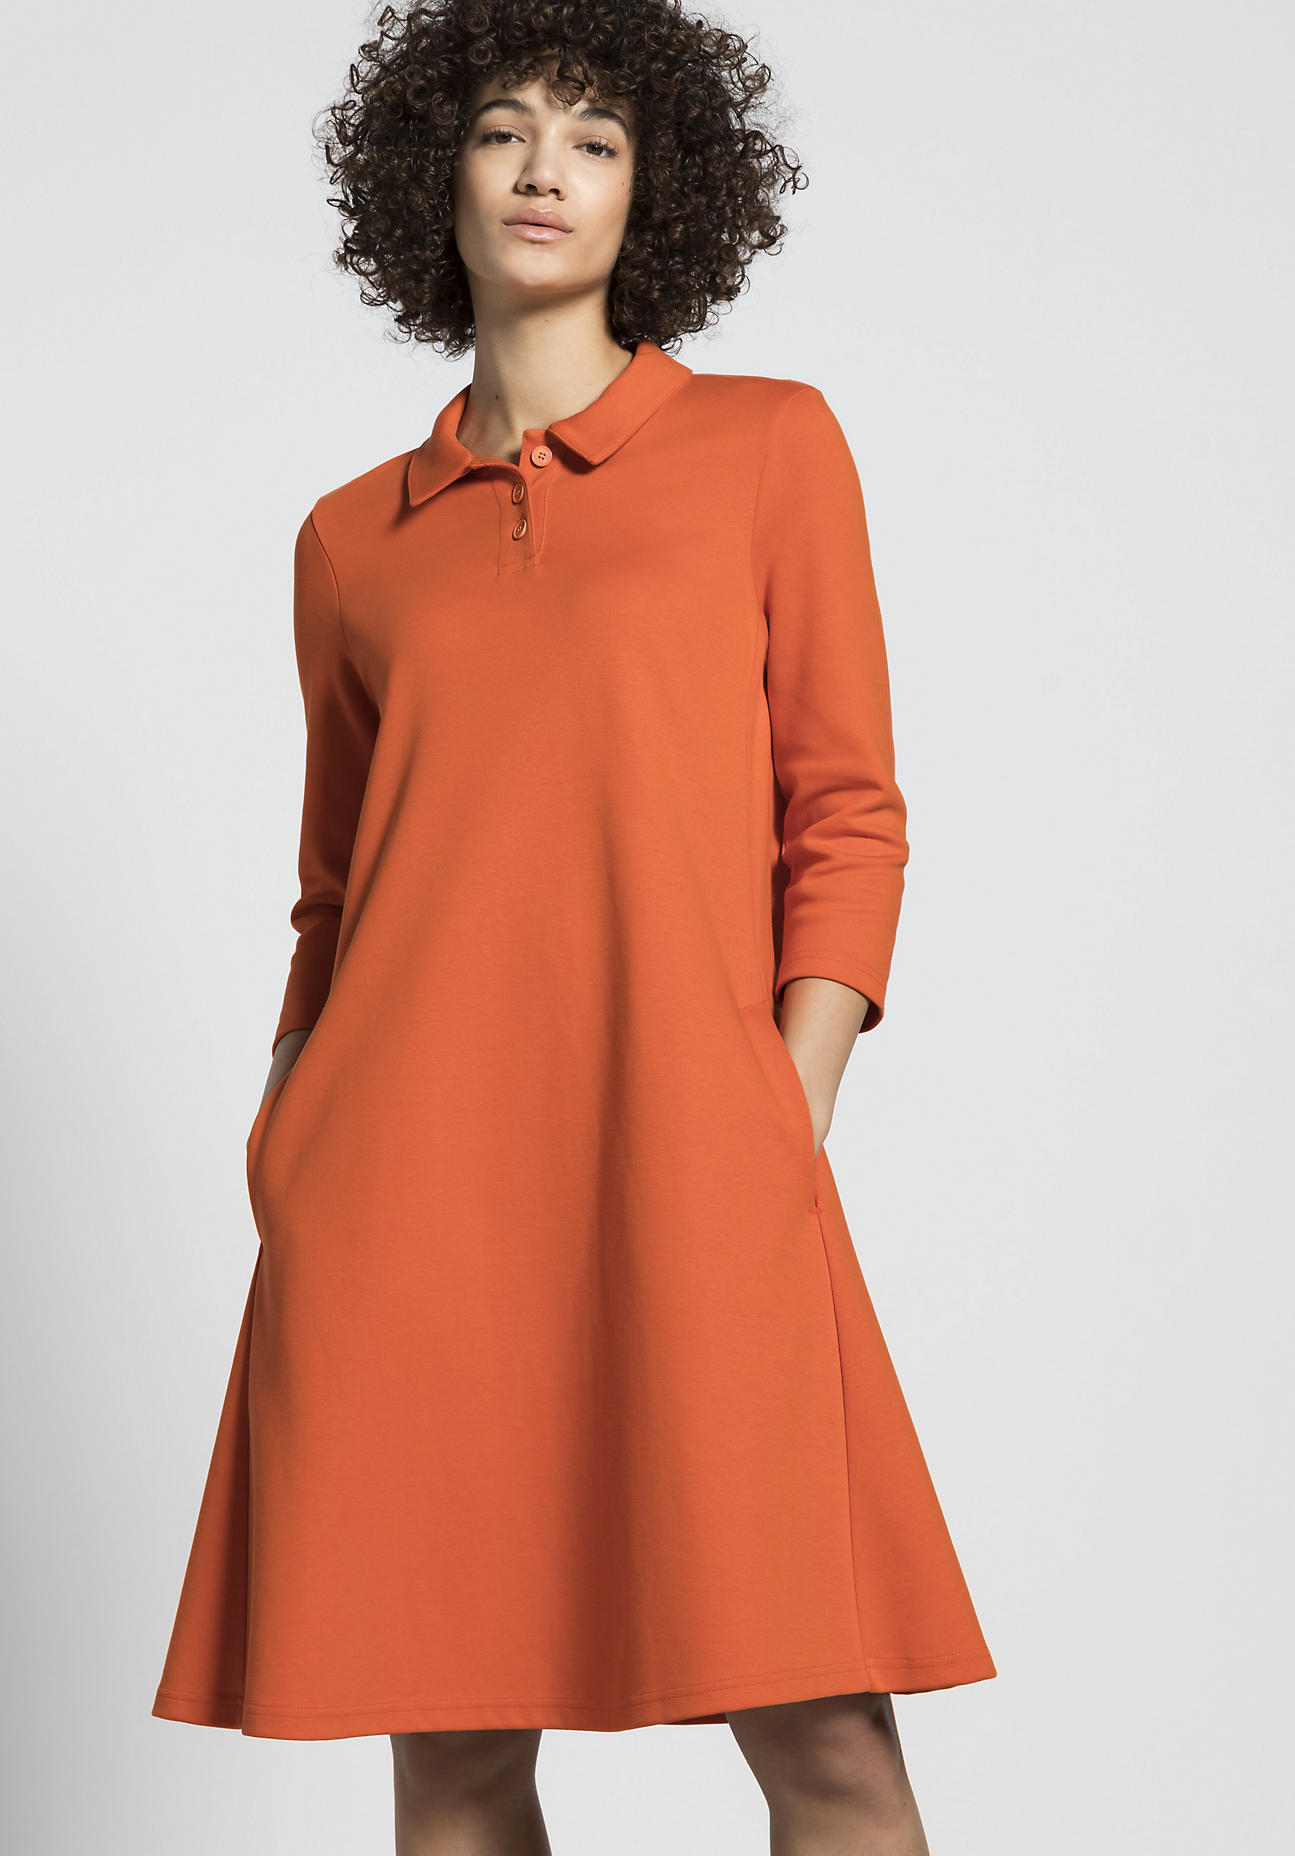 hessnatur Damen Polo-Kleid aus Bio-Baumwolle - orange Größe 34